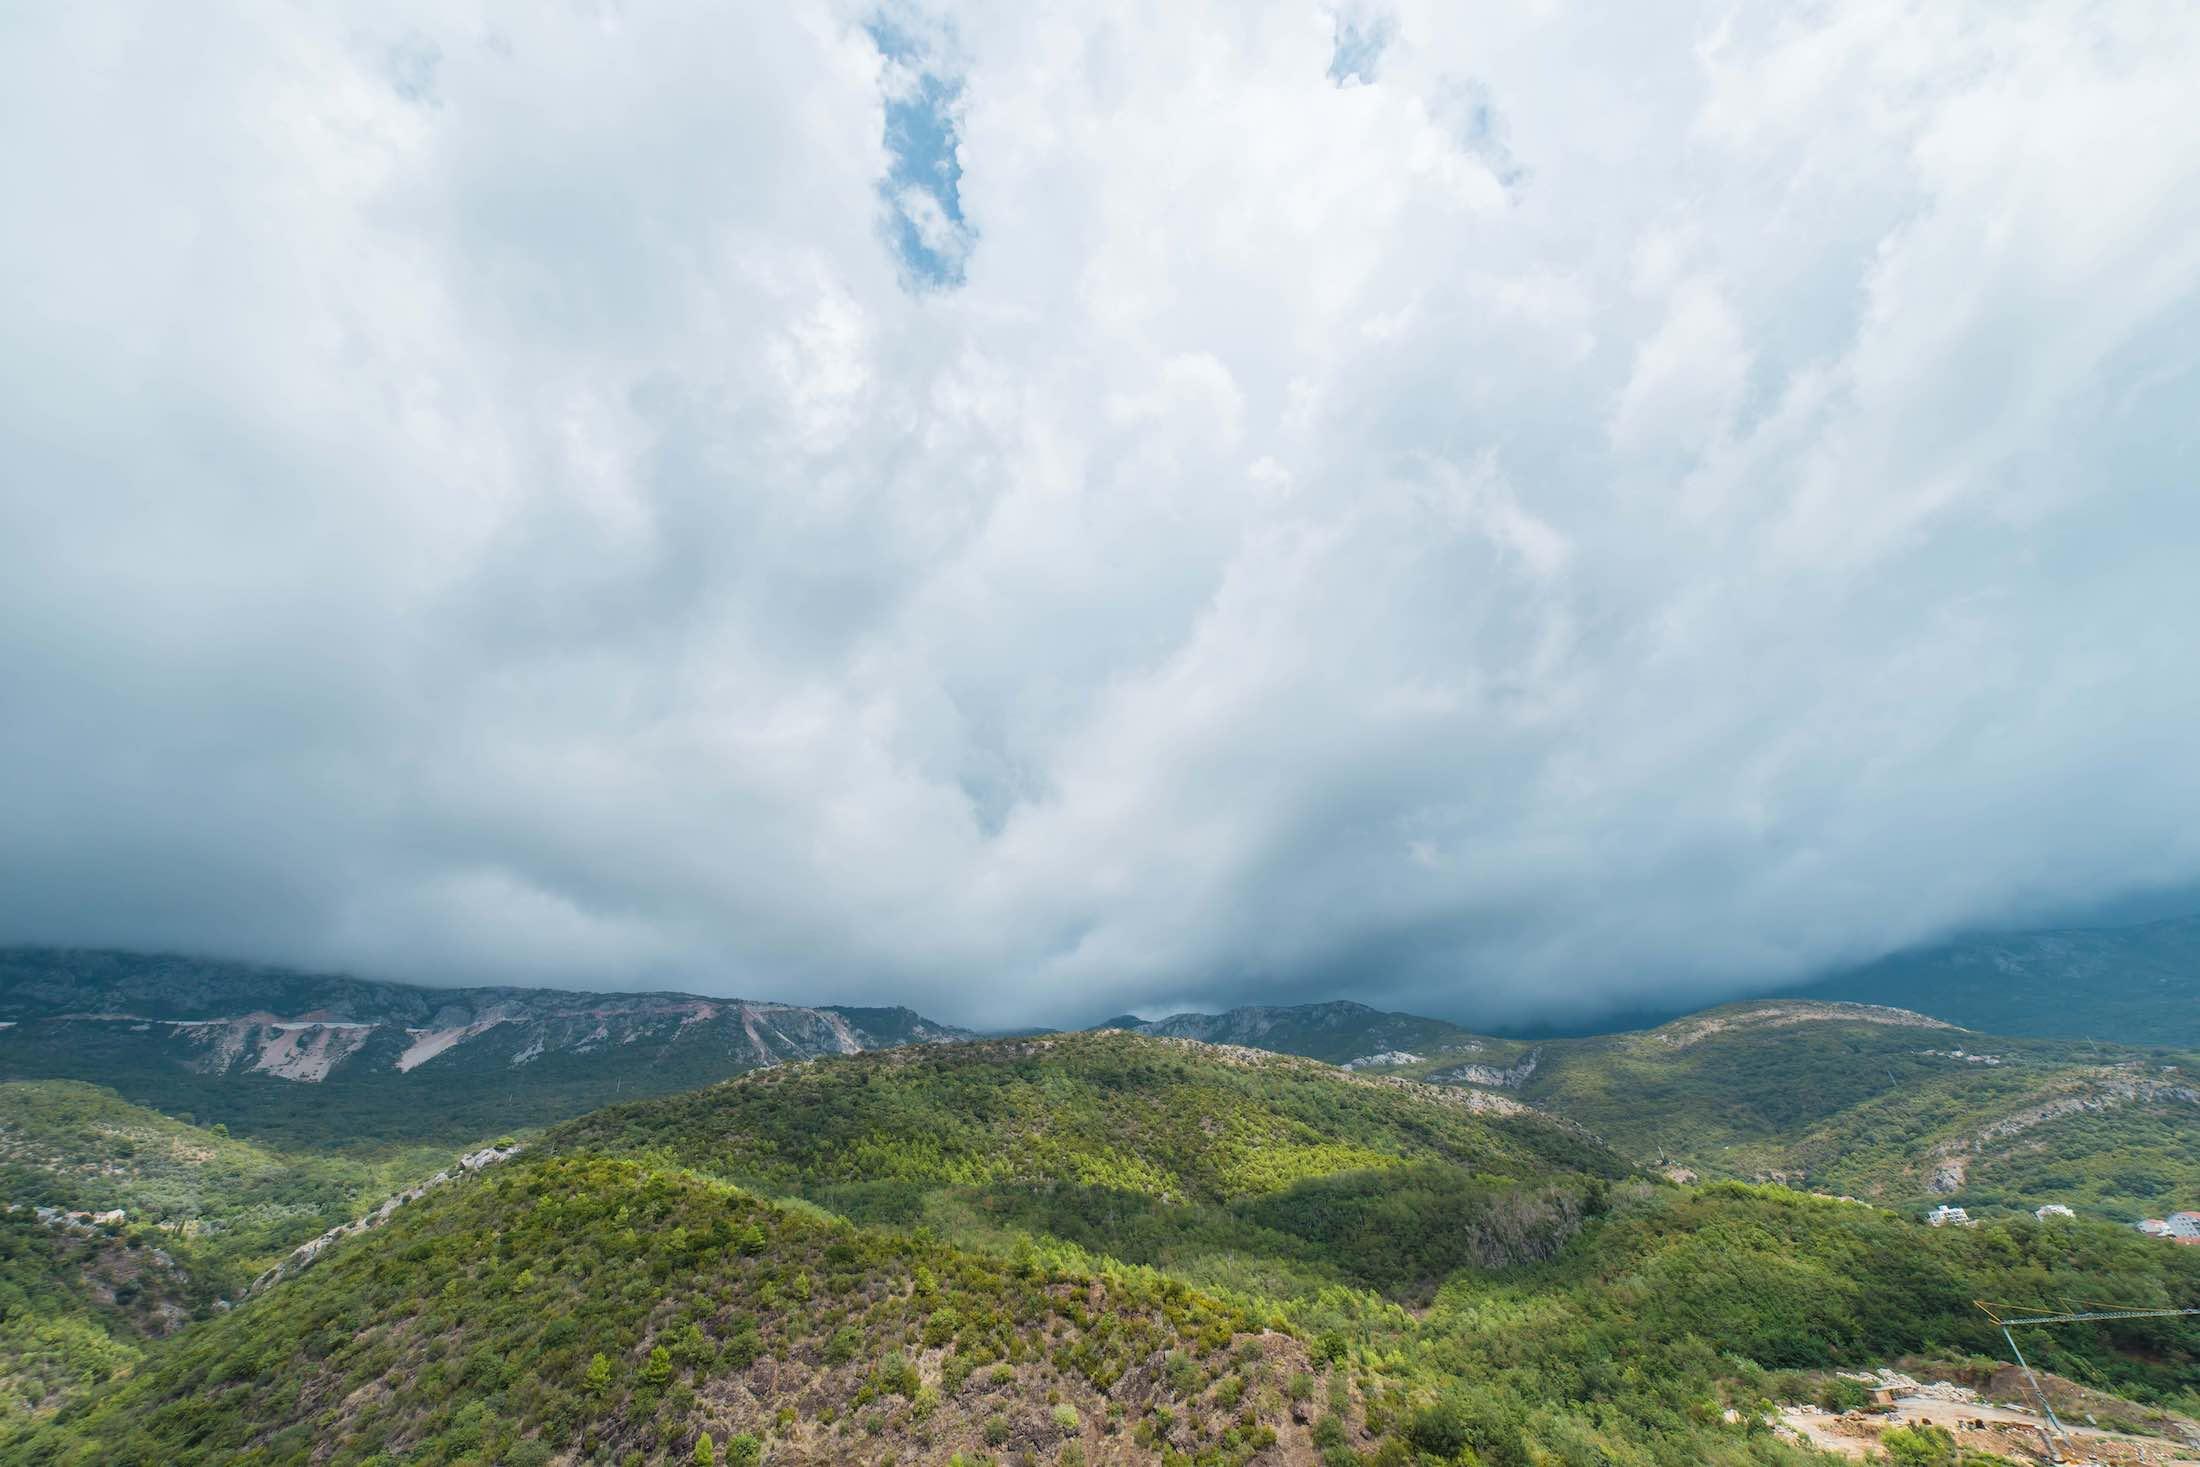 IVANOVICI ANATOLIA доходная недвижимость в черногории Бечичи Будва16.jpeg